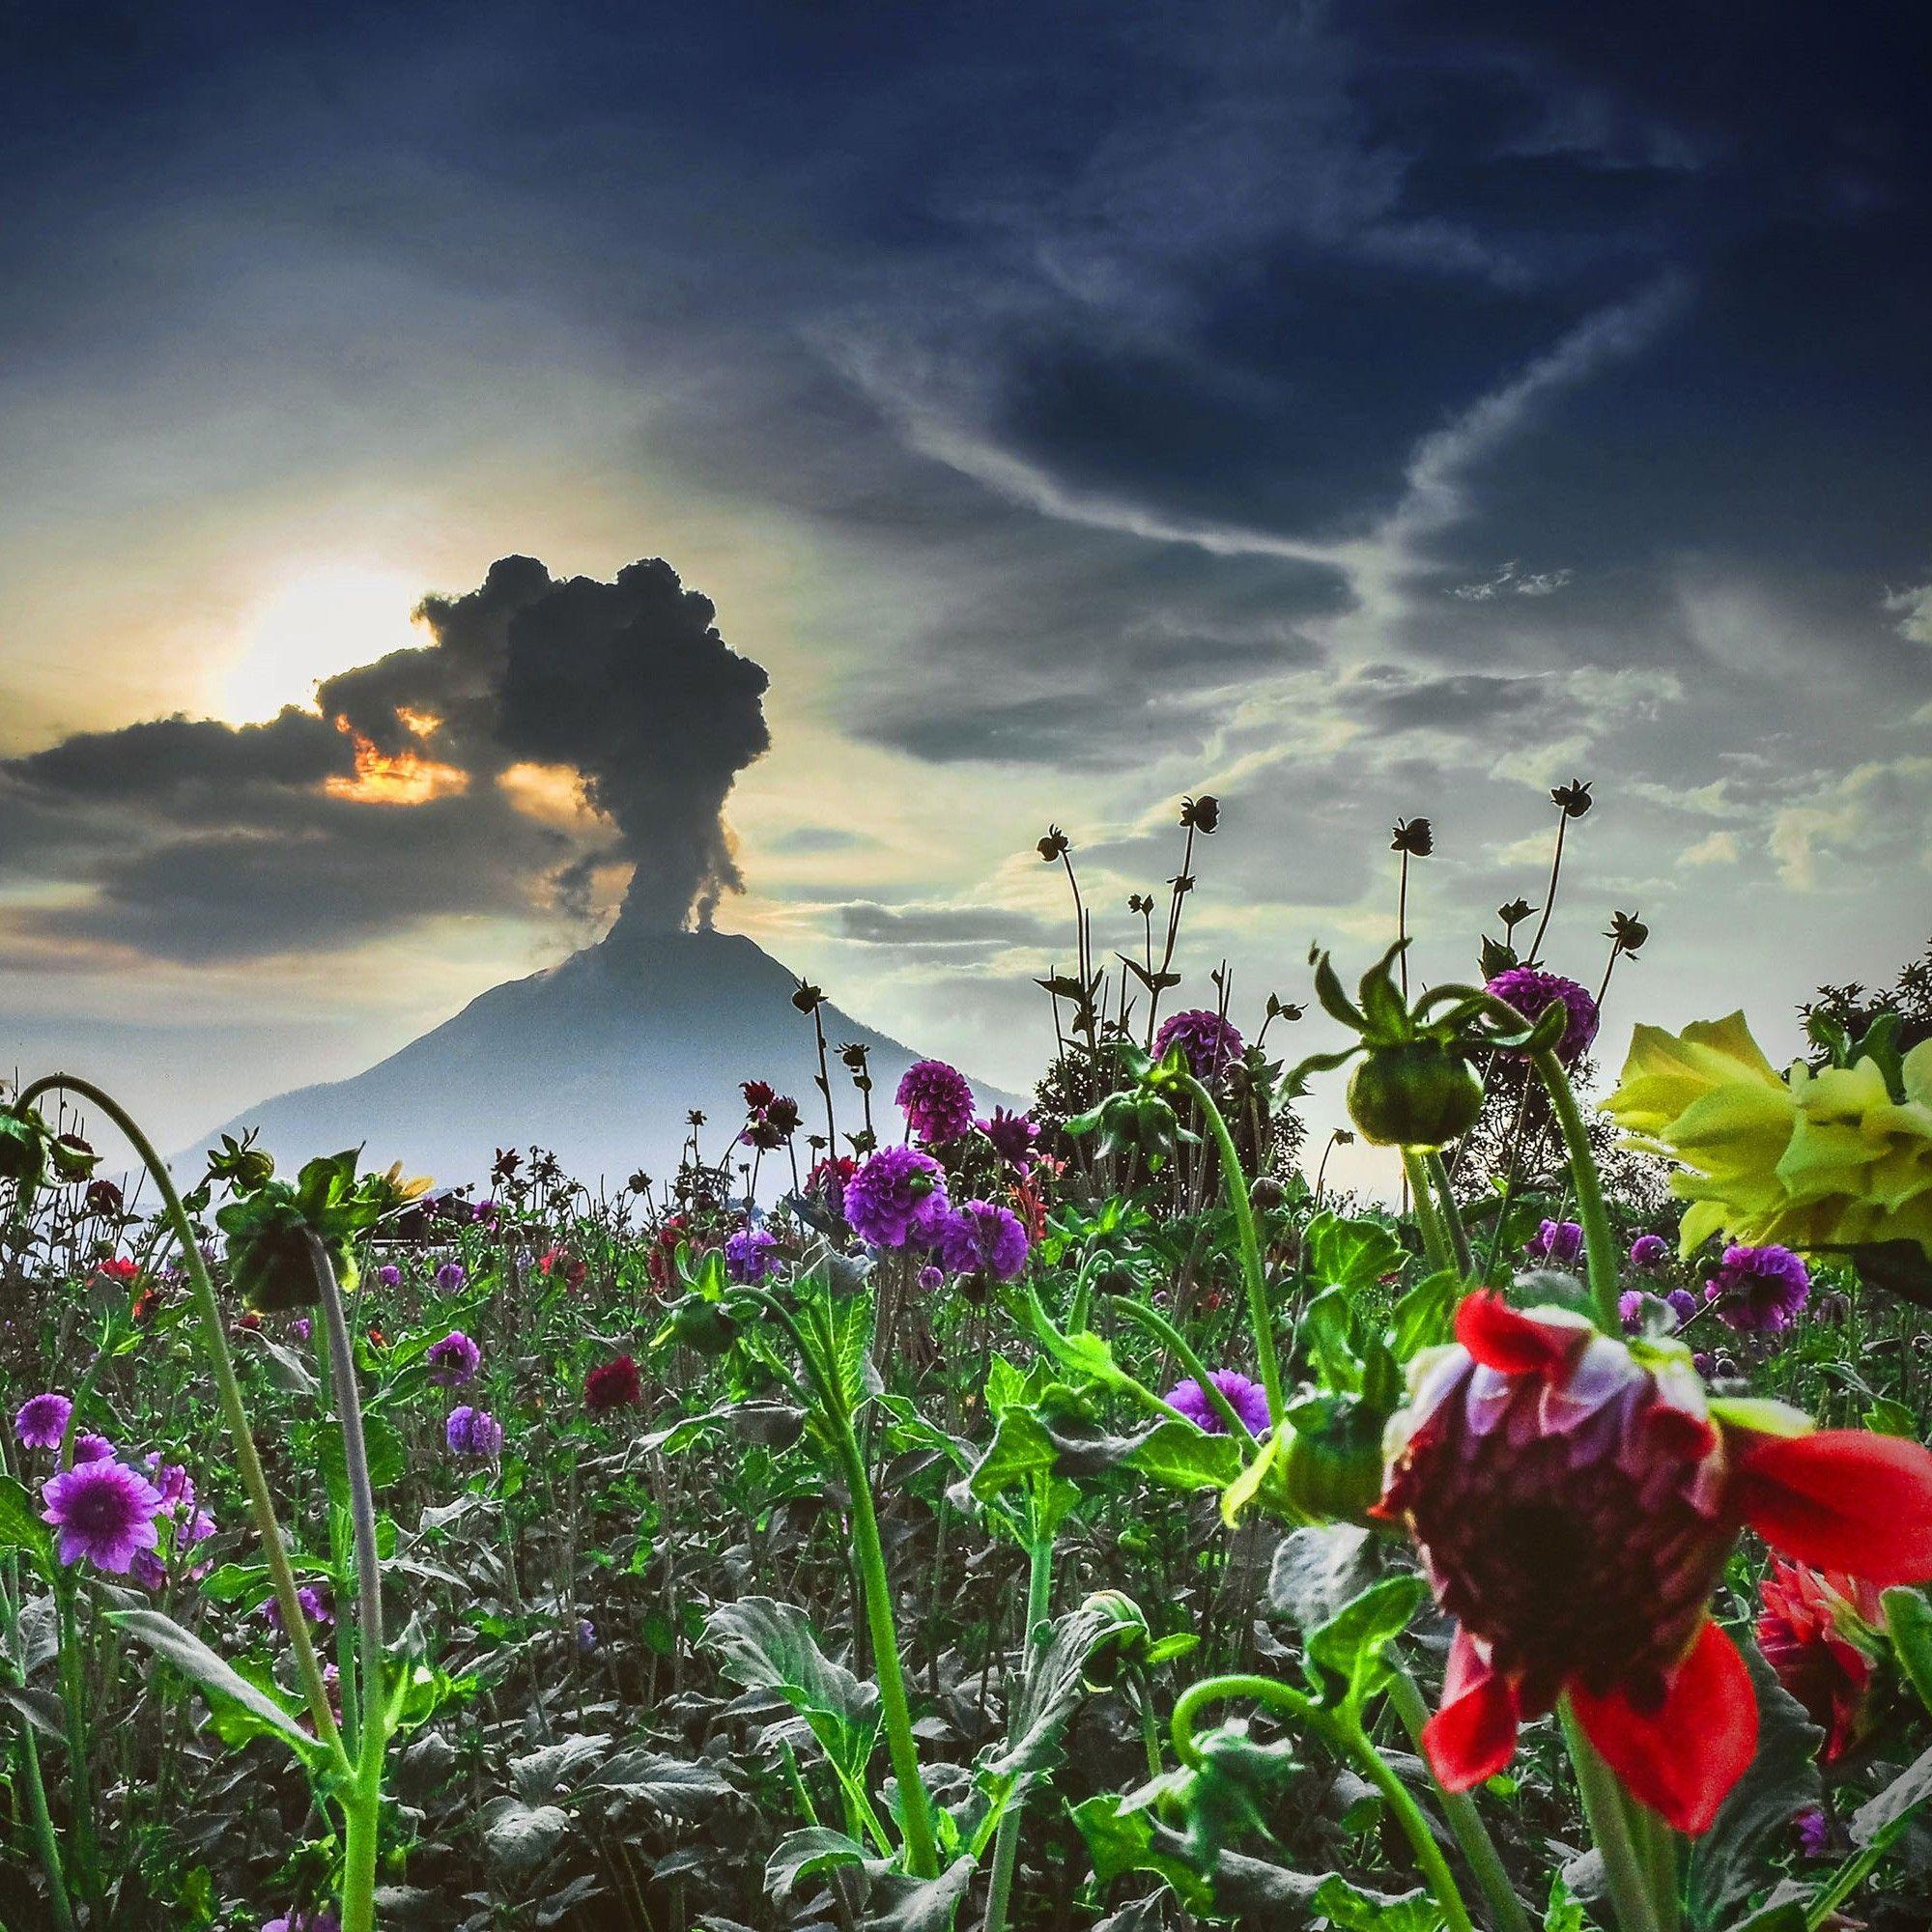 La beauté terrifiante des volcans de la planète en images | National Geographic